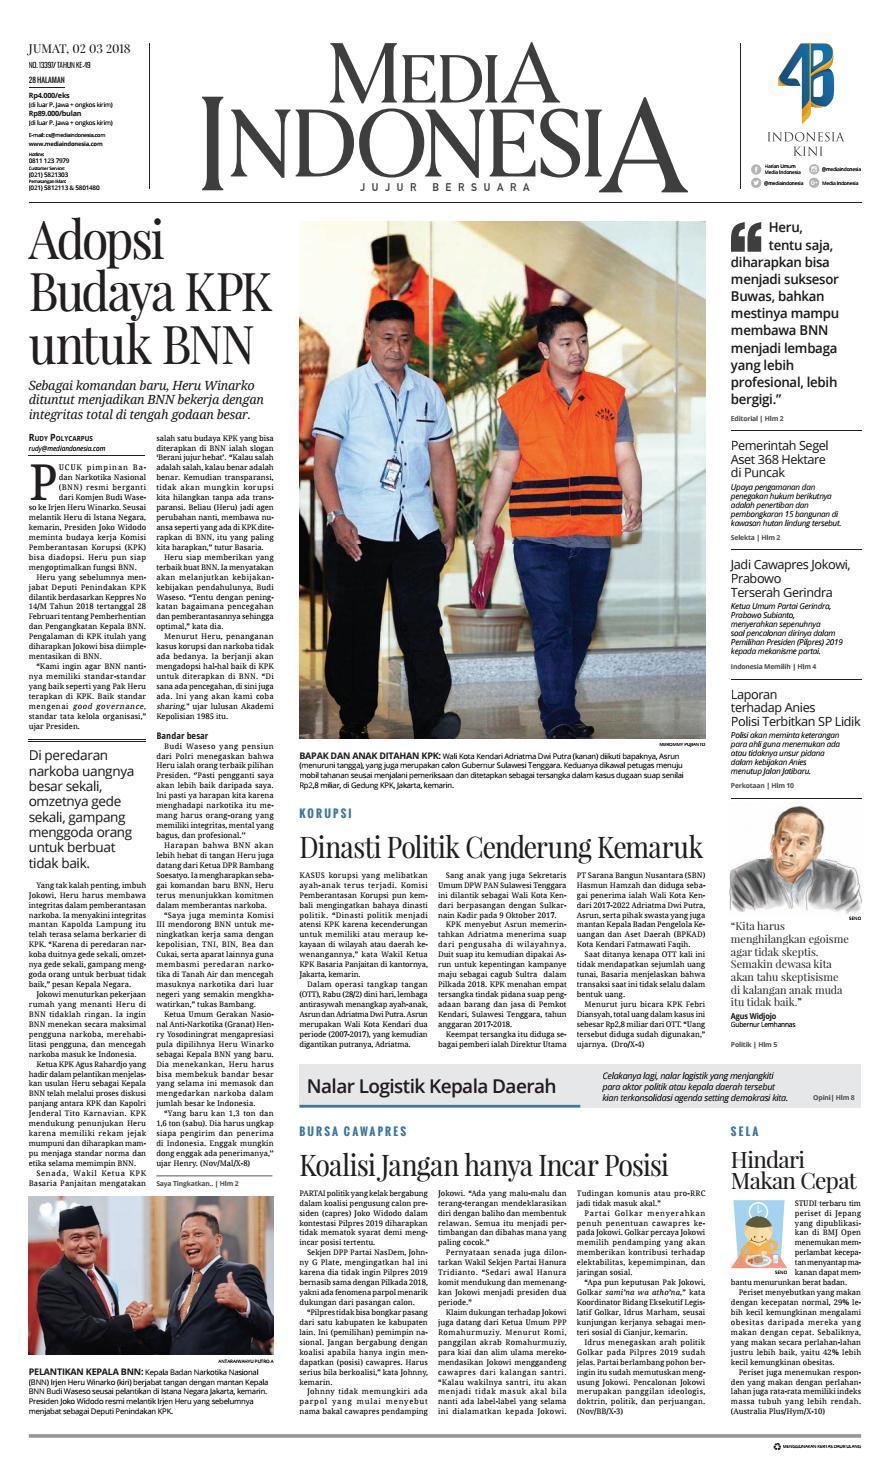 Media Indonesia 02 03 2018 02032018024922 By Oppah Issuu Produk Ukm Bumn Suscho Sus Coklat Surabaya